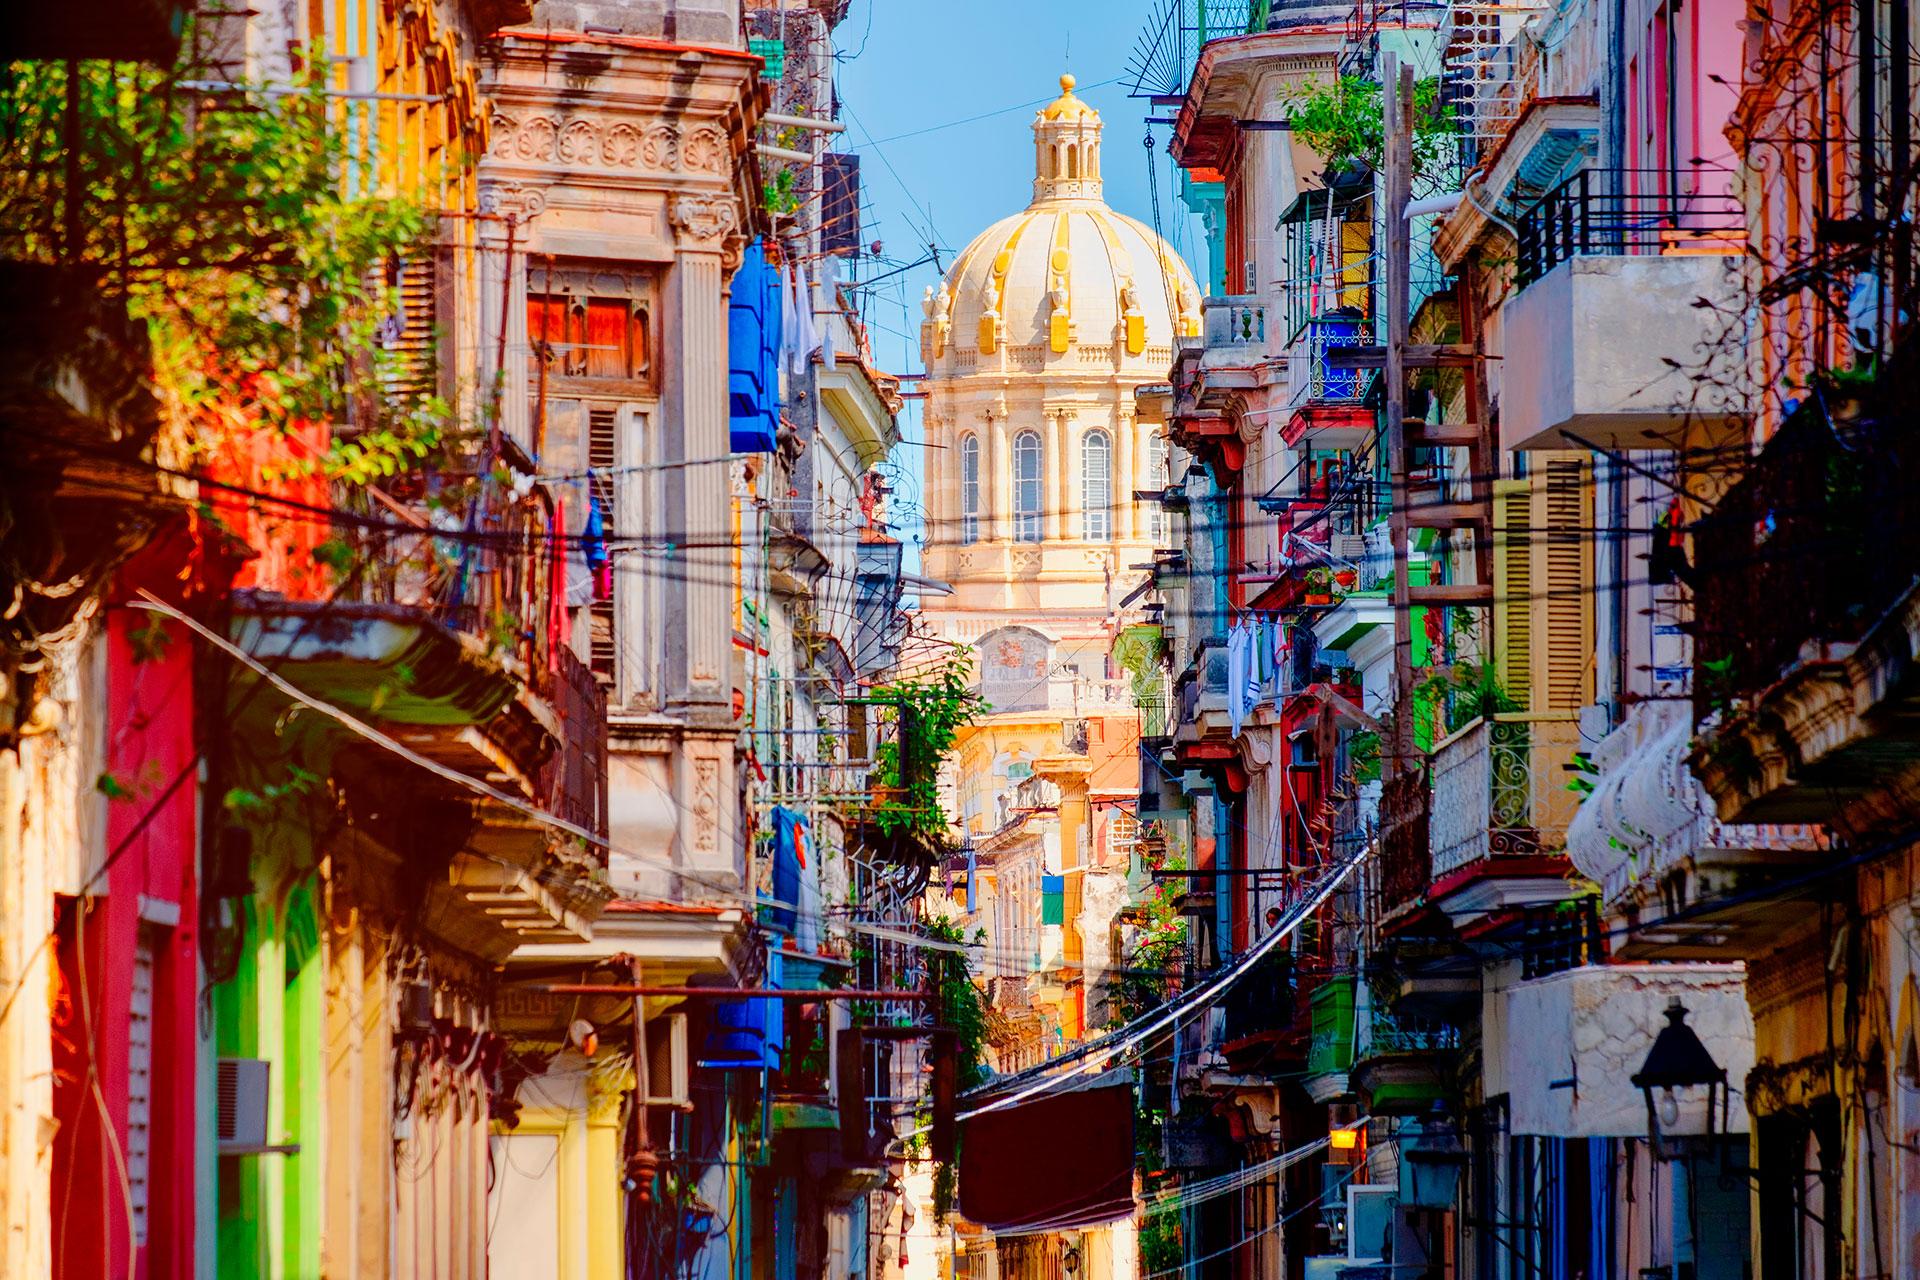 La Habana Vieja, la zona más antigua de la capital cubana, fue fundada alrededor de 1519. Tiene cinco plazas que sirven como centros históricos de la ciudad con arquitectura barroca y neoclásica y es Patrimonio de la Humanidad por la UNESCO